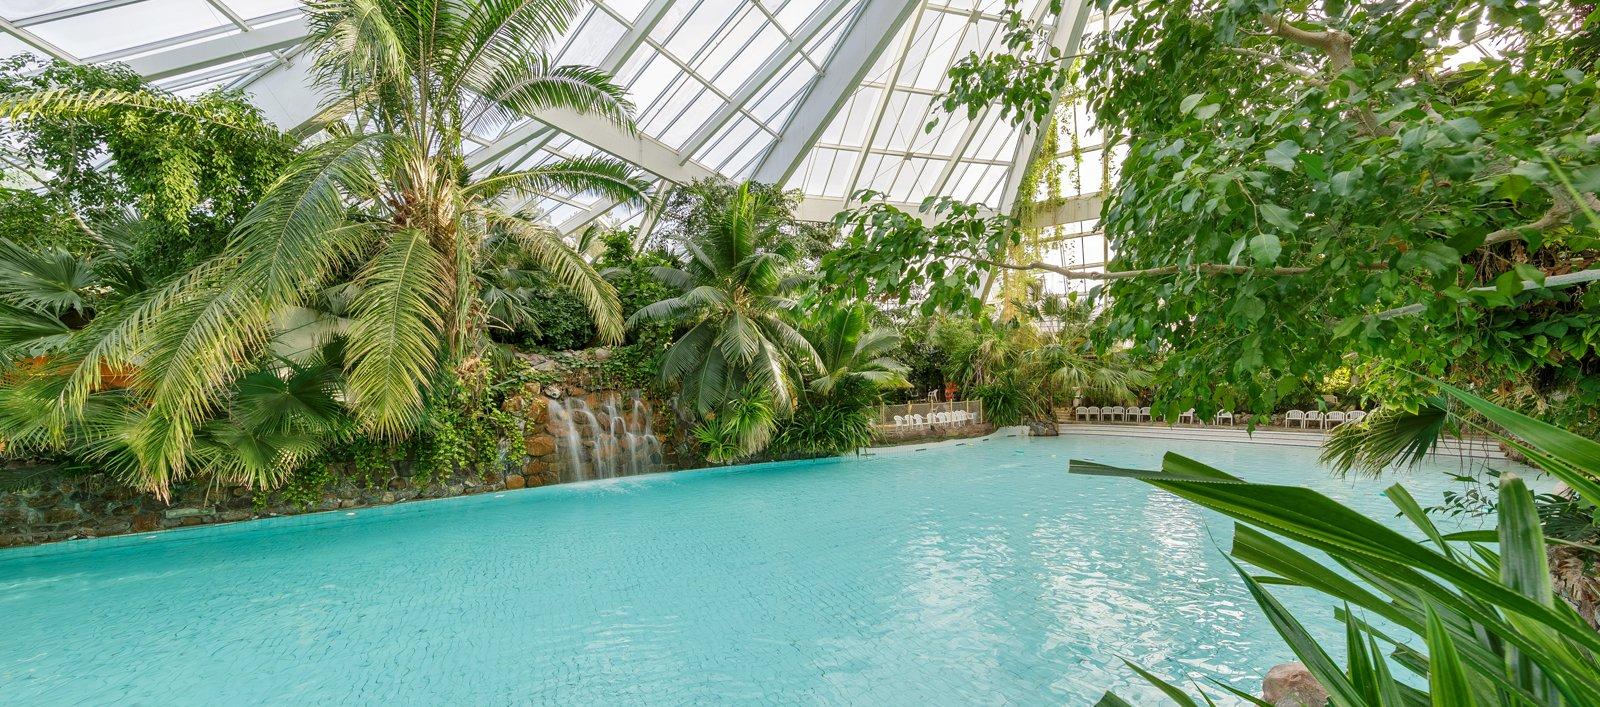 Subtropisch zwembad Les Bois-Francs